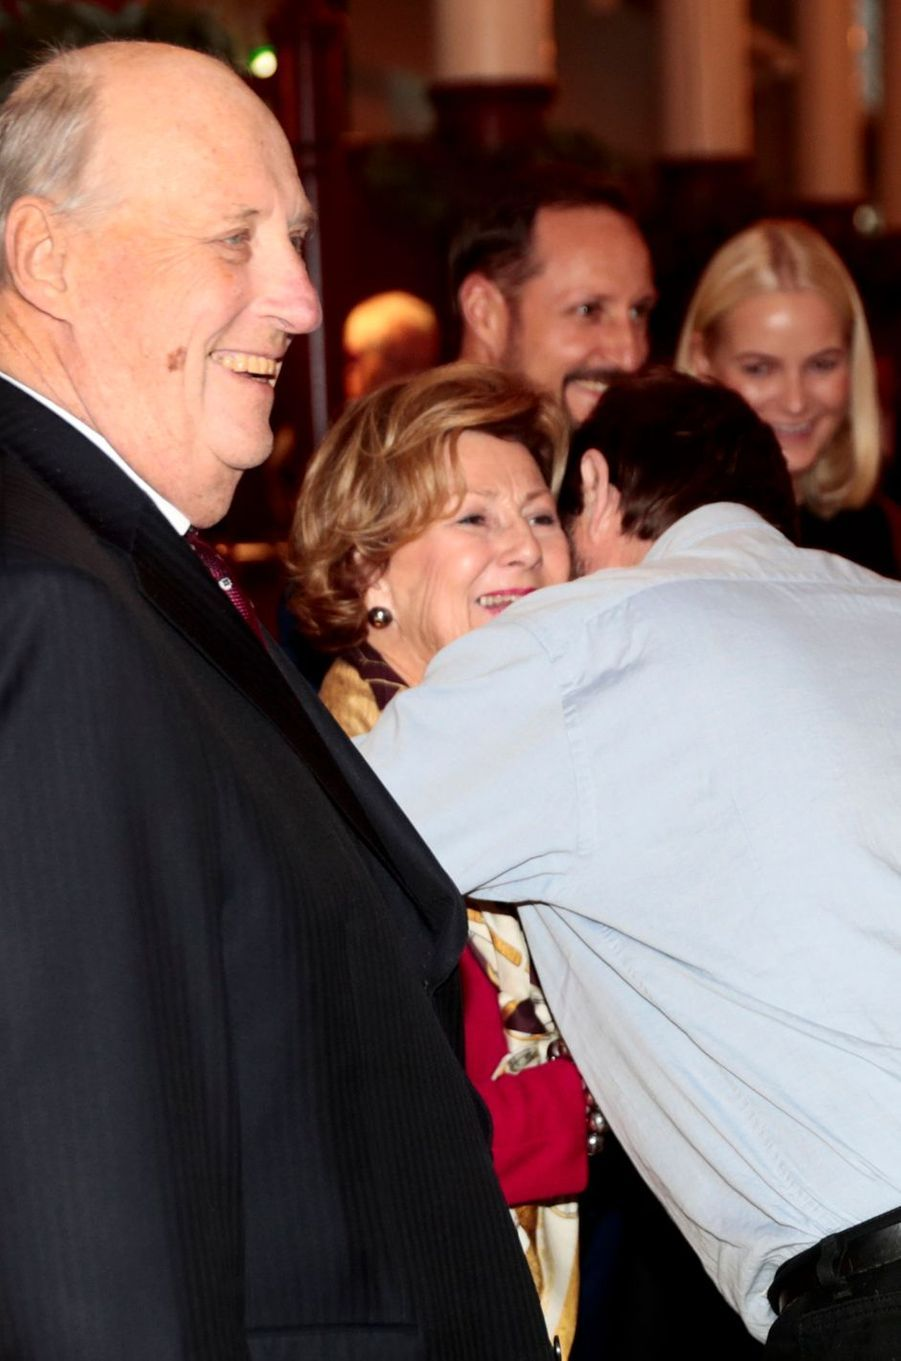 Le roi Harald V, la reine Sonja, le prince Haakon et la princesse Mette-Marit de Norvège à Oslo, le 12 décembre 2017